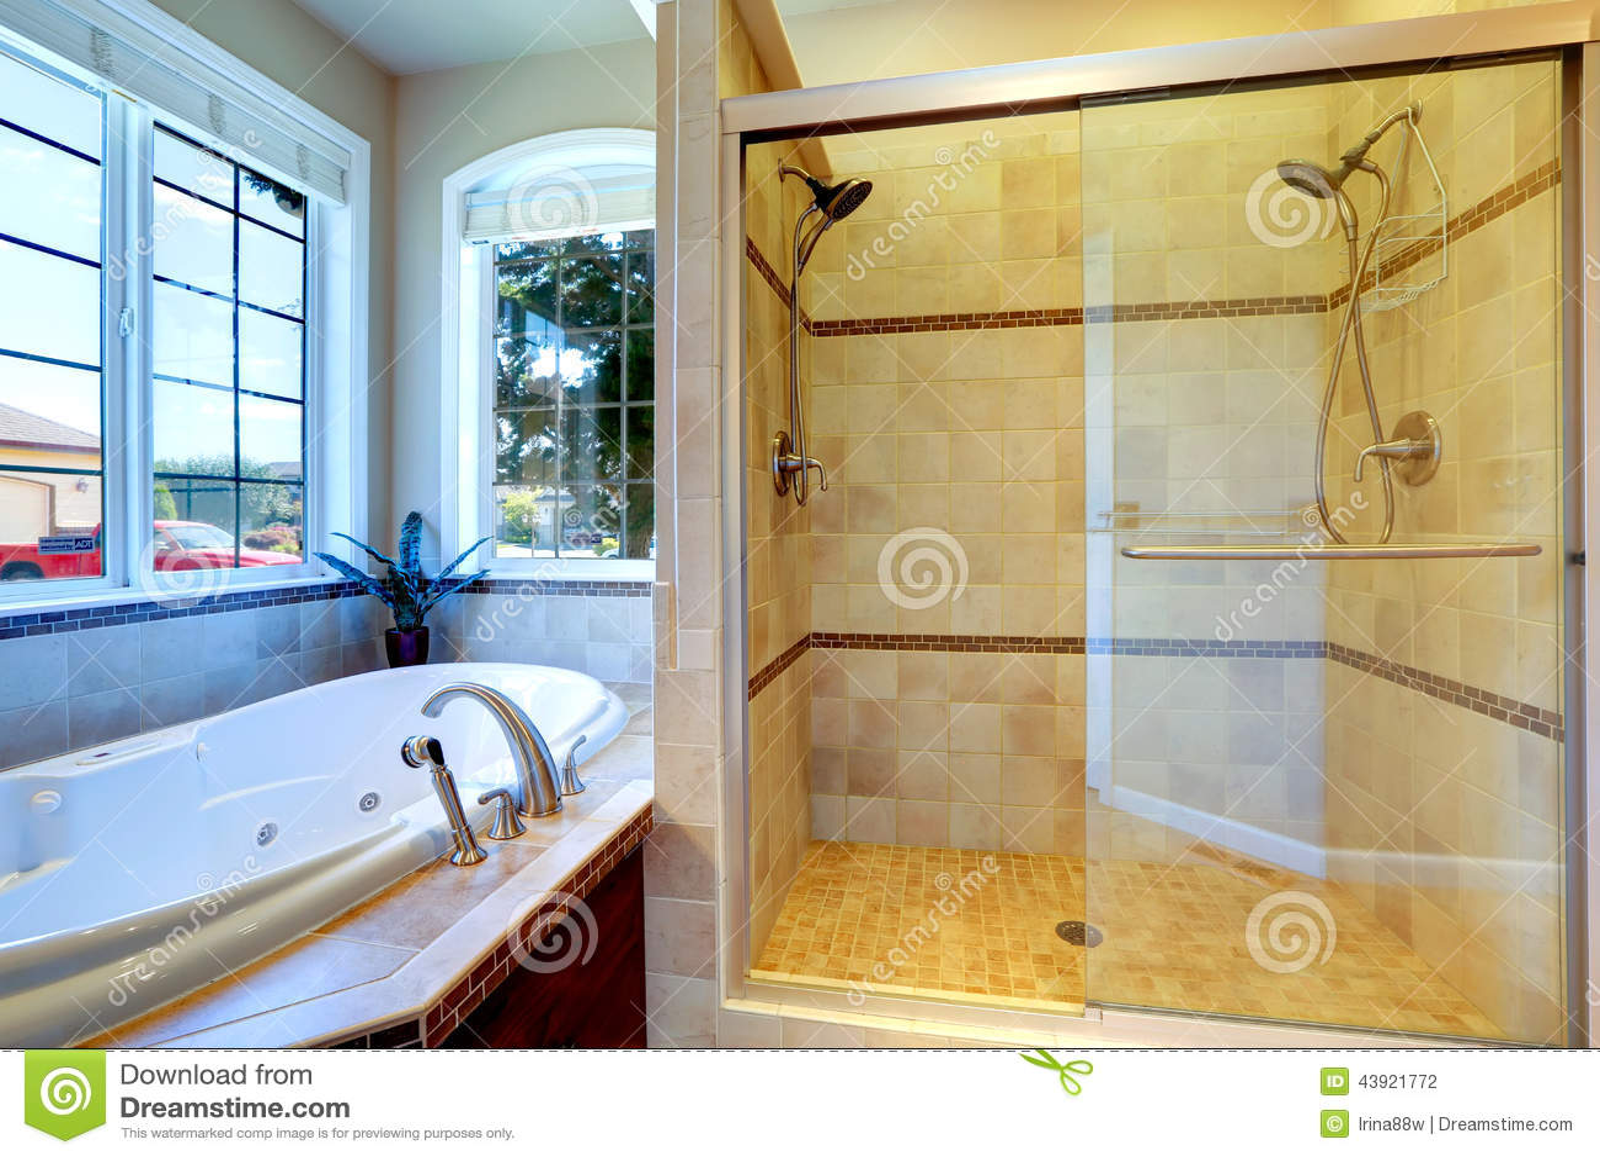 Bagno moderno con la doccia della porta della vasca e di vetro del mulinello fotografia stock - Bagno moderno con doccia ...